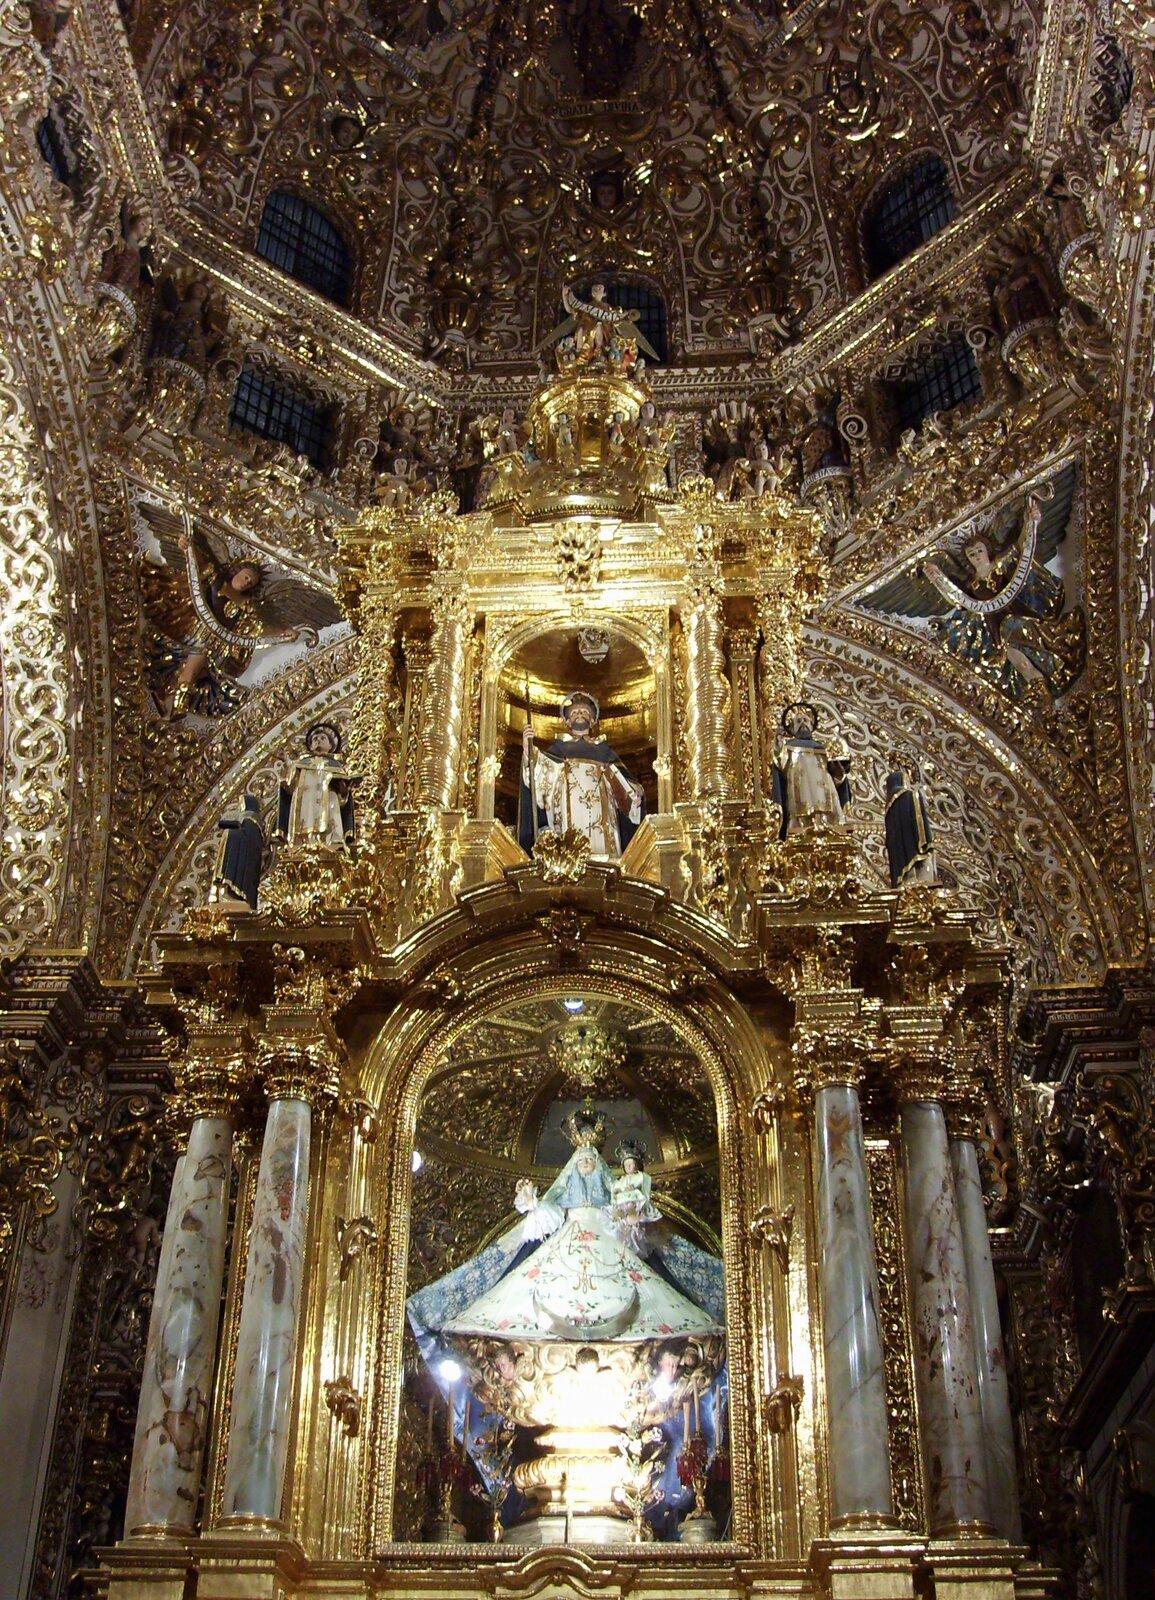 Ołtarz wkaplicy Matki Boskiej Różańcowej wkościele pod wezwaniem św. Dominika wmeksykańskim Pueblo przypomina typowe ołtarze ze świątyń hiszpańskich. Ołtarz wkaplicy Matki Boskiej Różańcowej wkościele pod wezwaniem św. Dominika wmeksykańskim Pueblo przypomina typowe ołtarze ze świątyń hiszpańskich. Źródło: Gusvel, licencja: CC BY-SA 4.0.